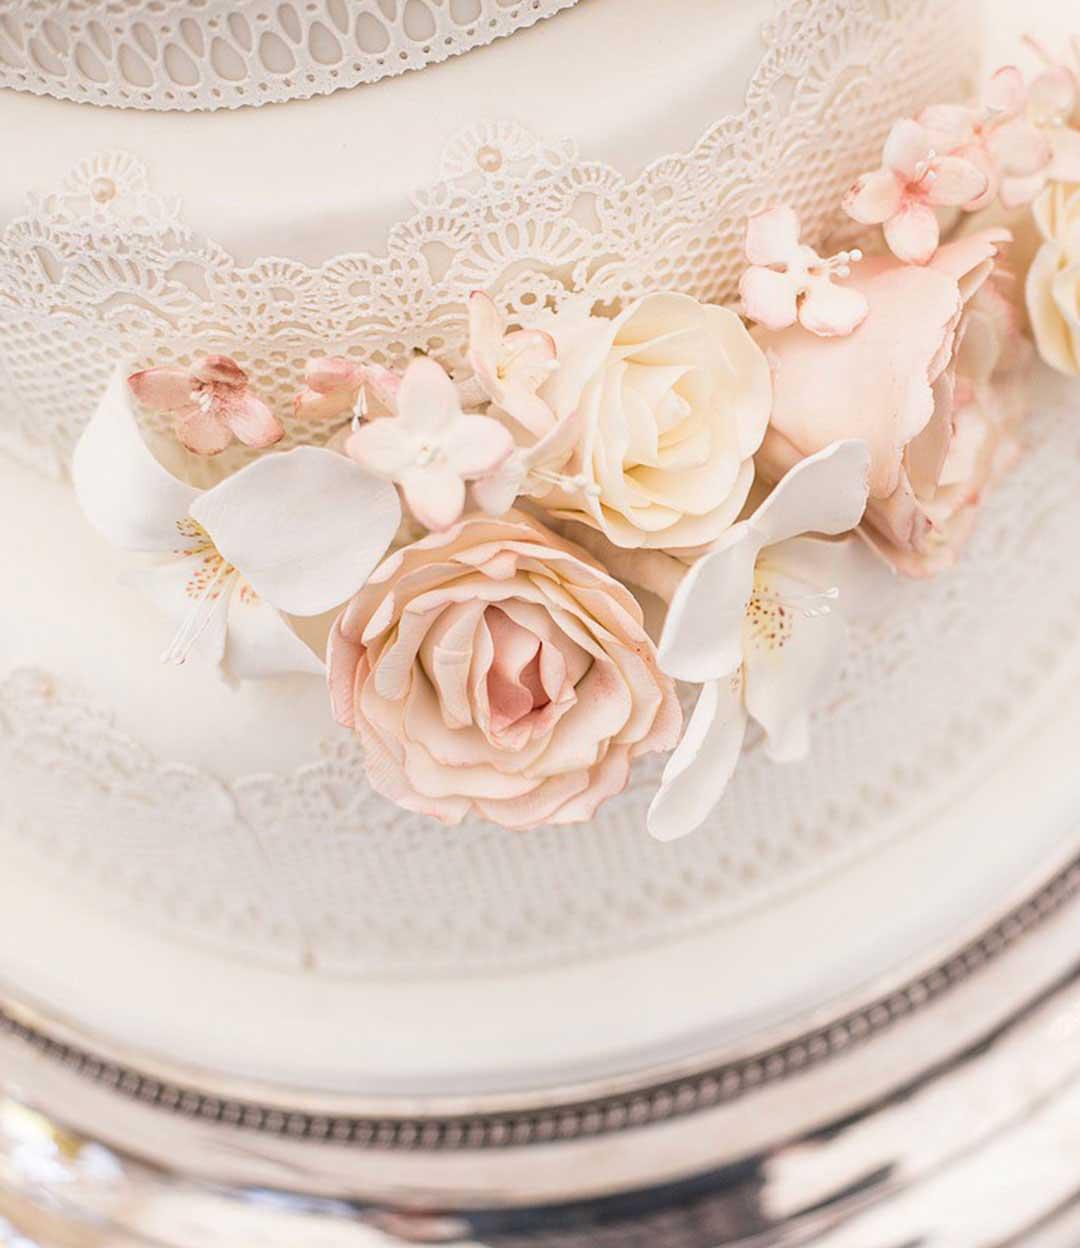 Osez innover sur vos gâteaux de mariage !